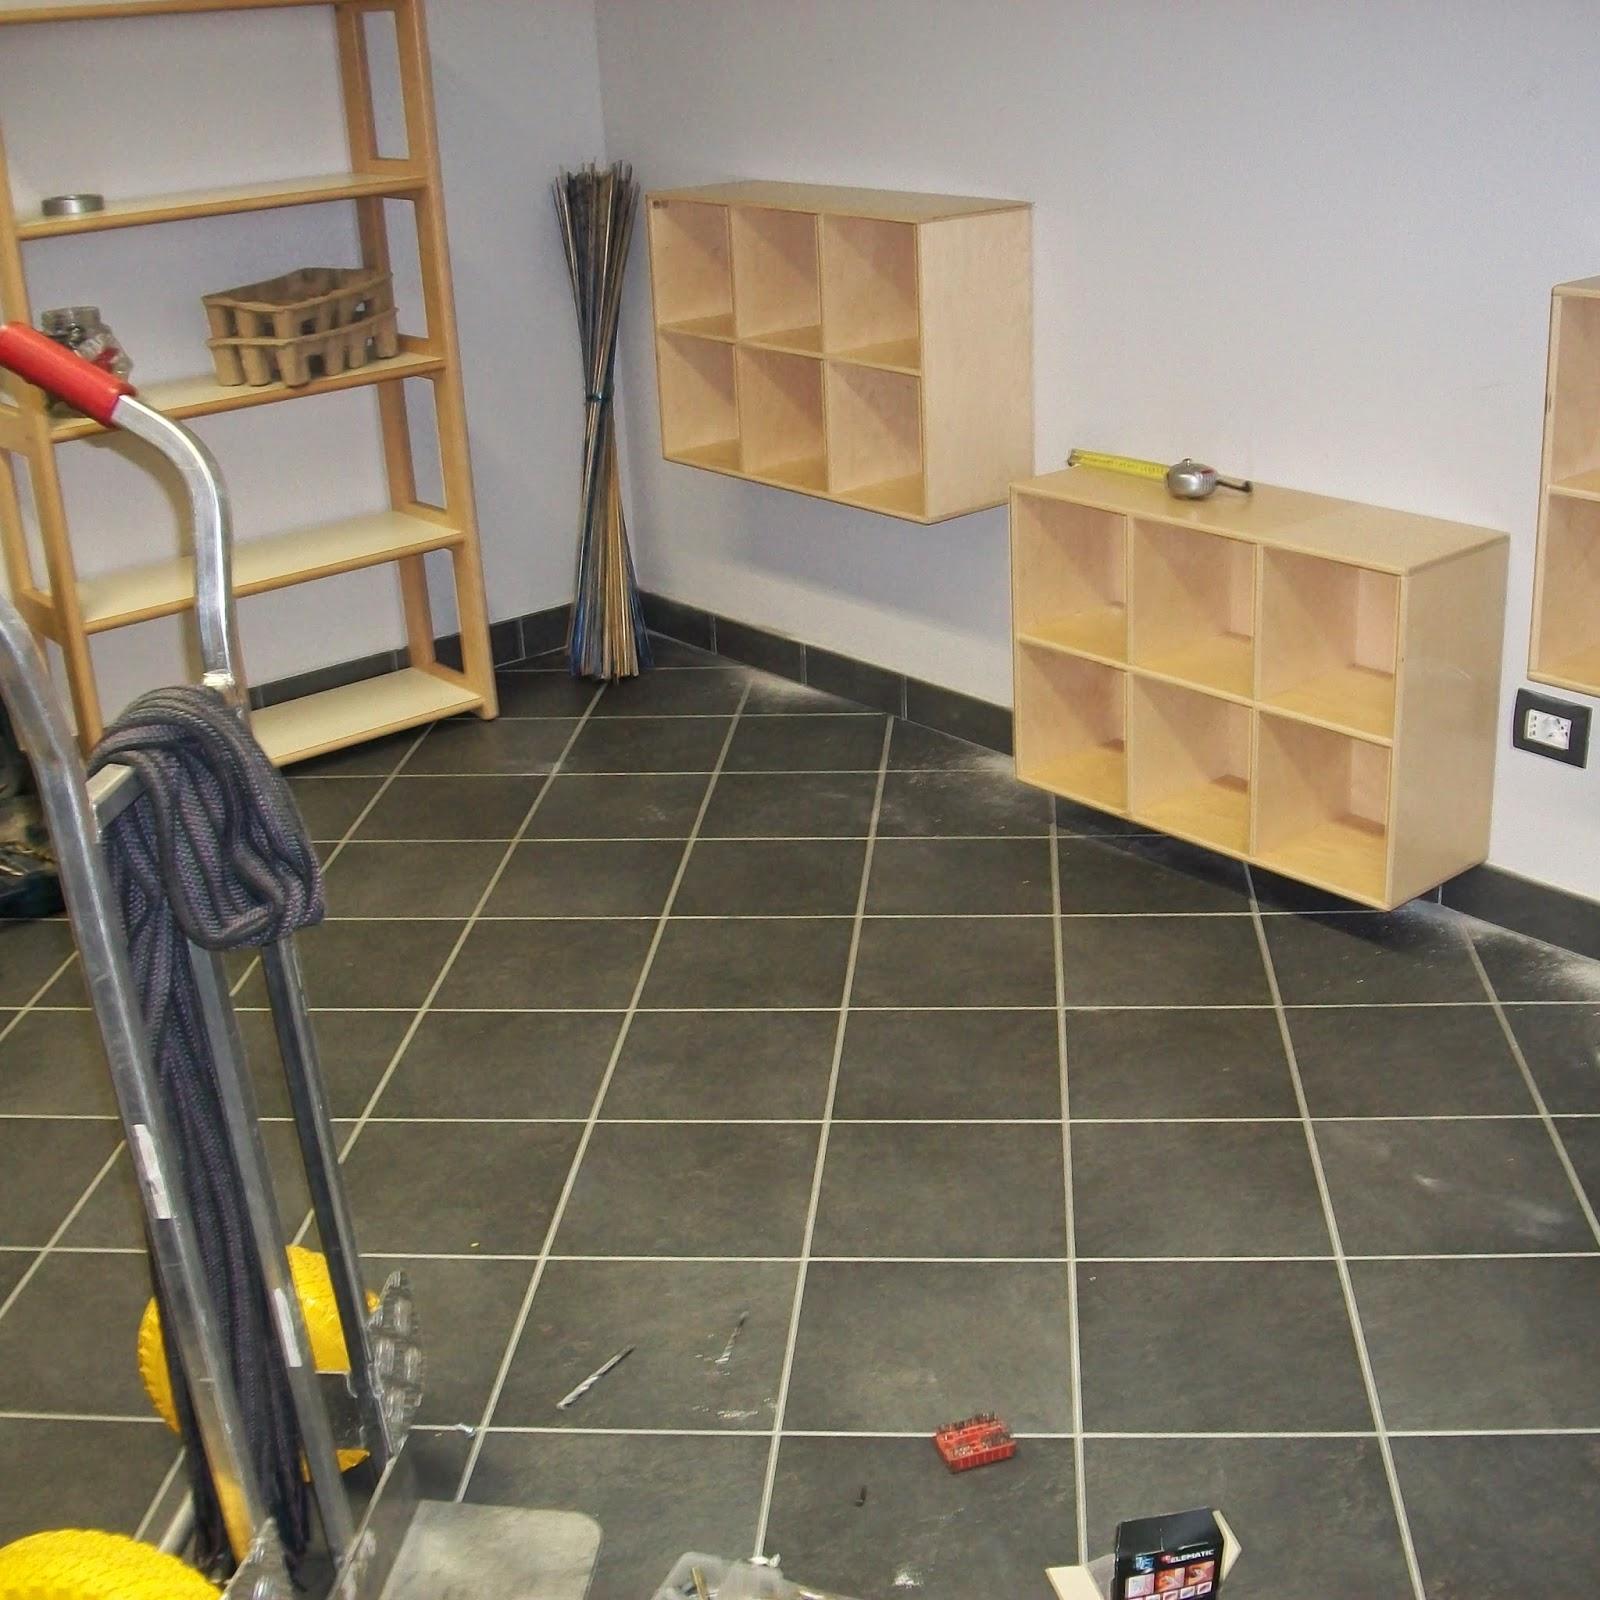 Organizzare lo spazio e arredare con materiali riciclati - Foto 6